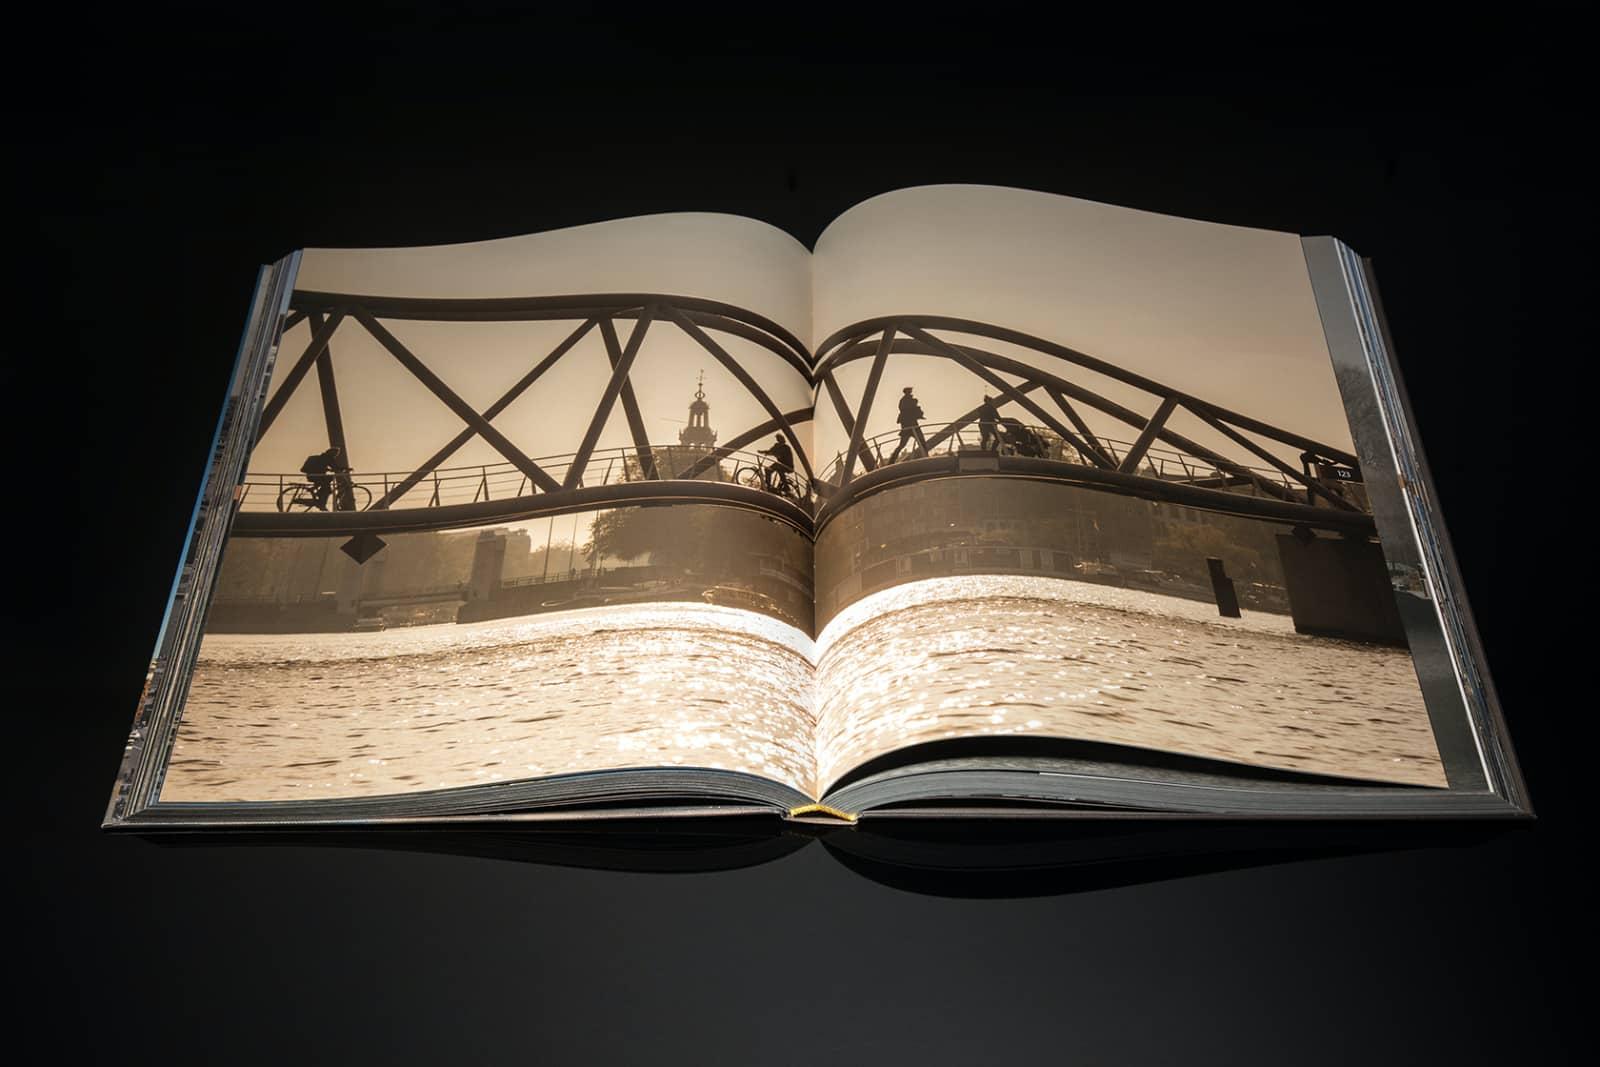 fotoboek openliggend van Ewout Huibers, AXSTXRDXM